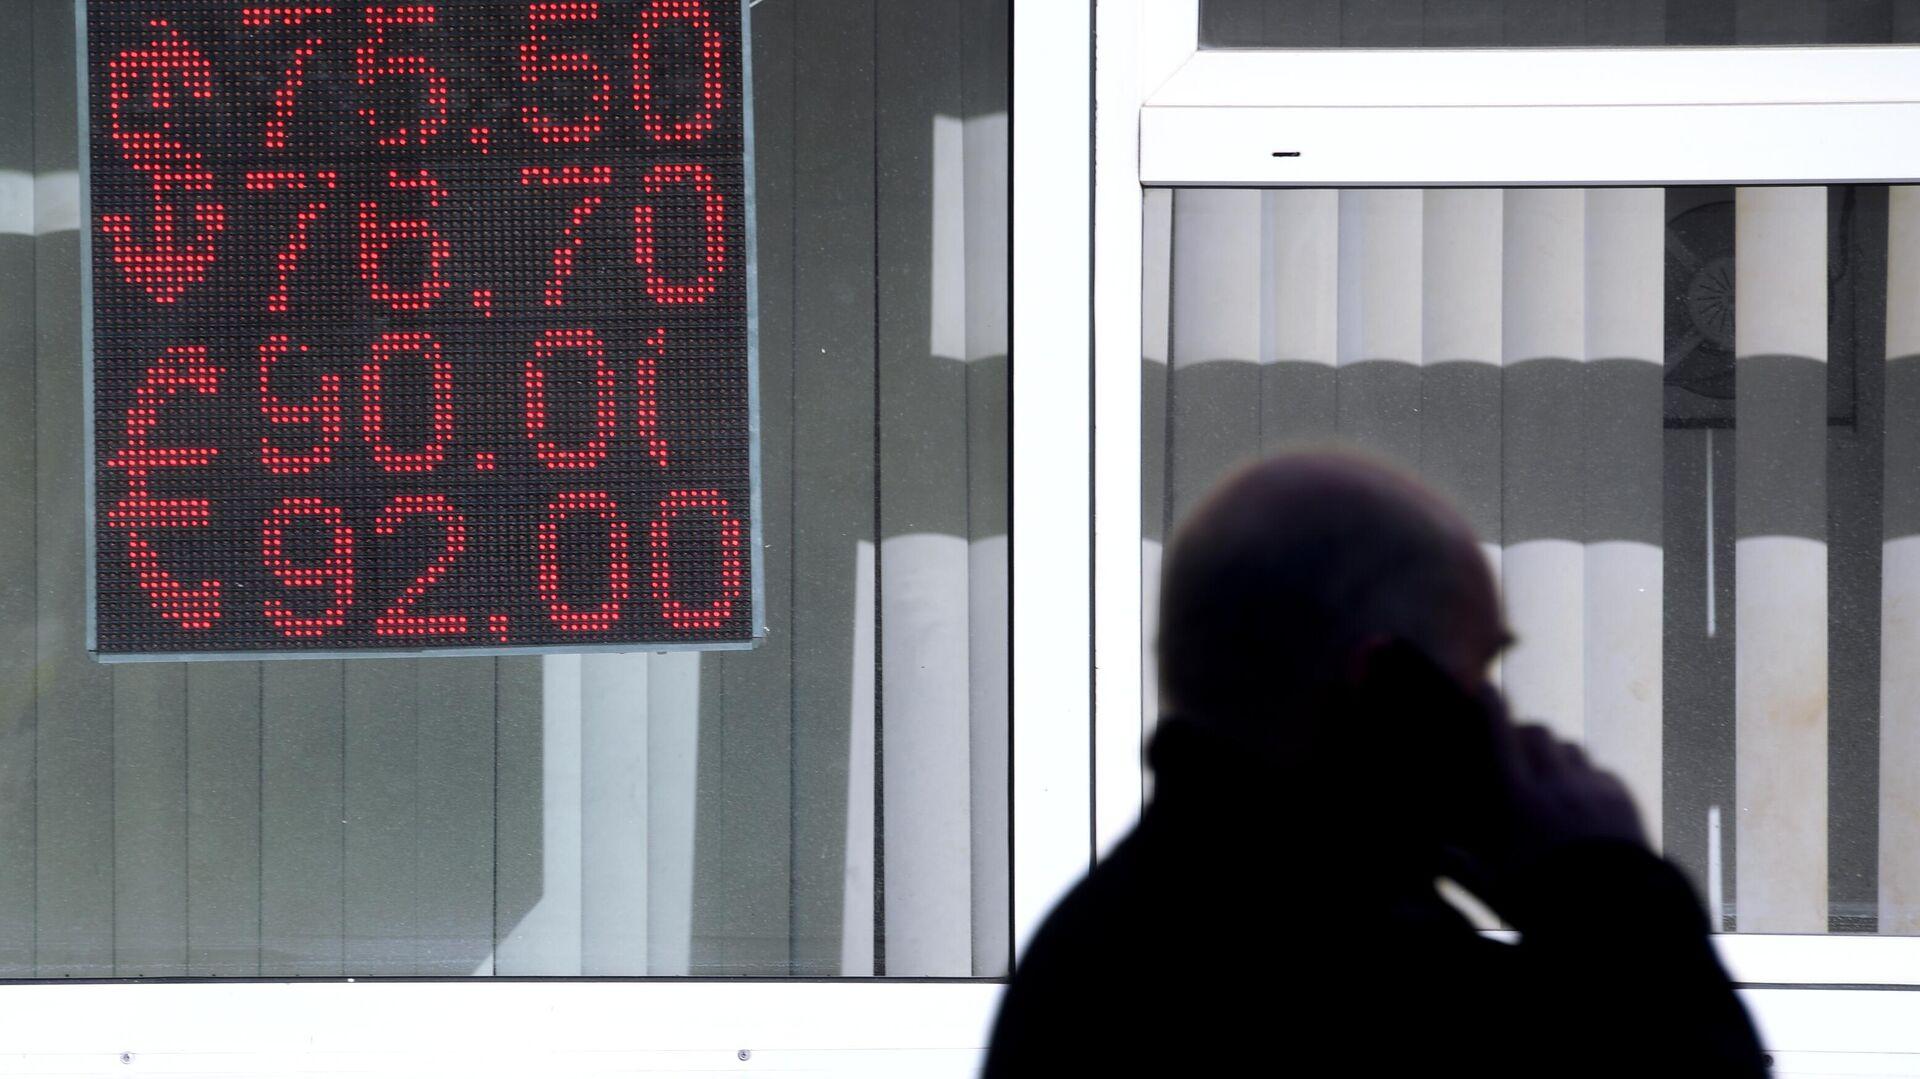 Электронное табло с курсами валют на одной из улиц в Москве - РИА Новости, 1920, 23.07.2021